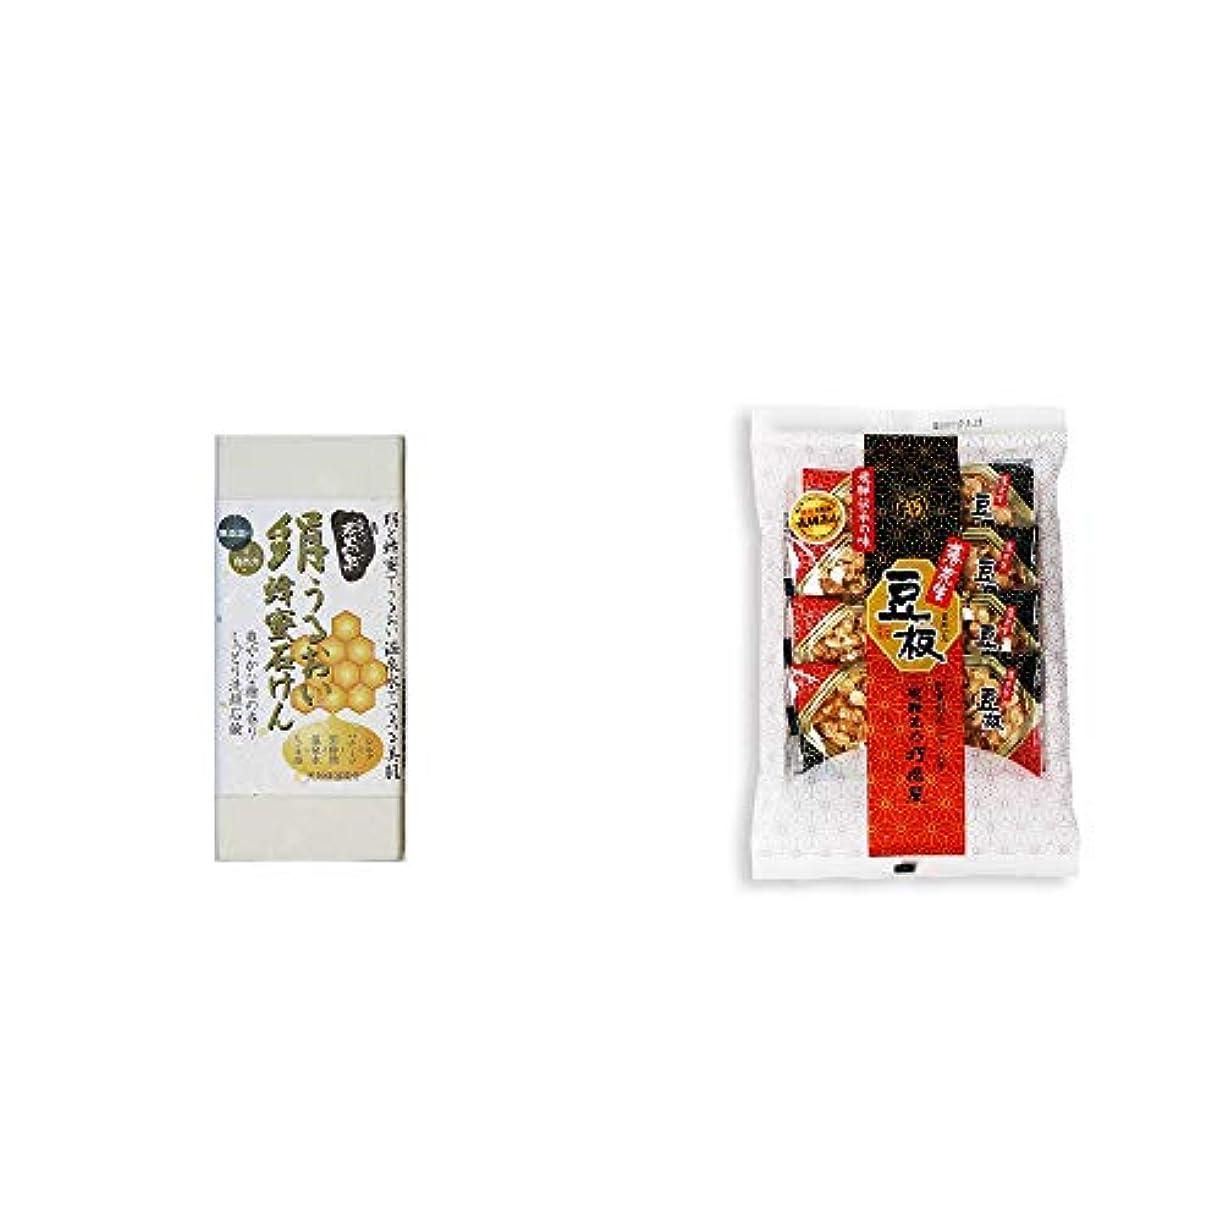 イデオロギーシャンプーショット[2点セット] ひのき炭黒泉 絹うるおい蜂蜜石けん(75g×2)?飛騨銘菓「打保屋」の駄菓子 豆板(8枚入)